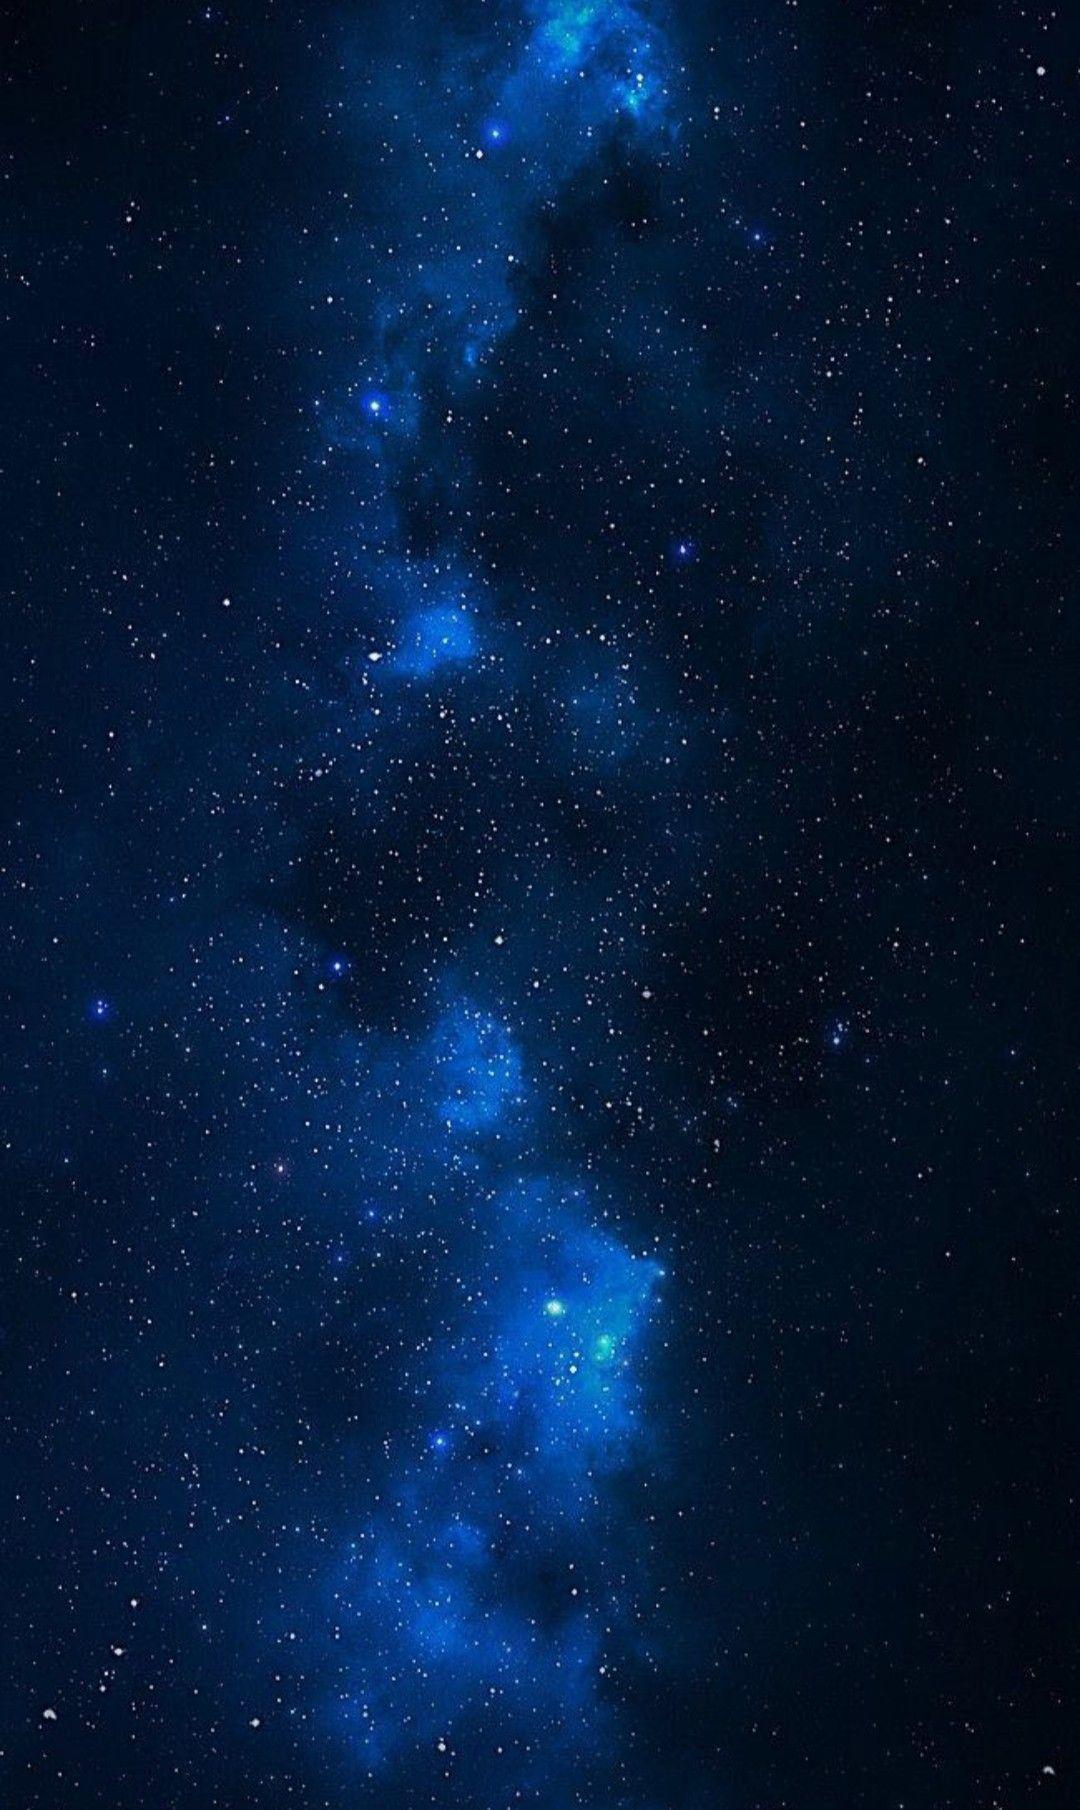 Sacma Sapan Hayaller Adli Kullanicinin En Guzel Duvar Kagitlari Panosundaki Pin Galaxy Wallpaper Gece Gokyuzu Goruntuleri Dijital Renklendirme Egitimleri